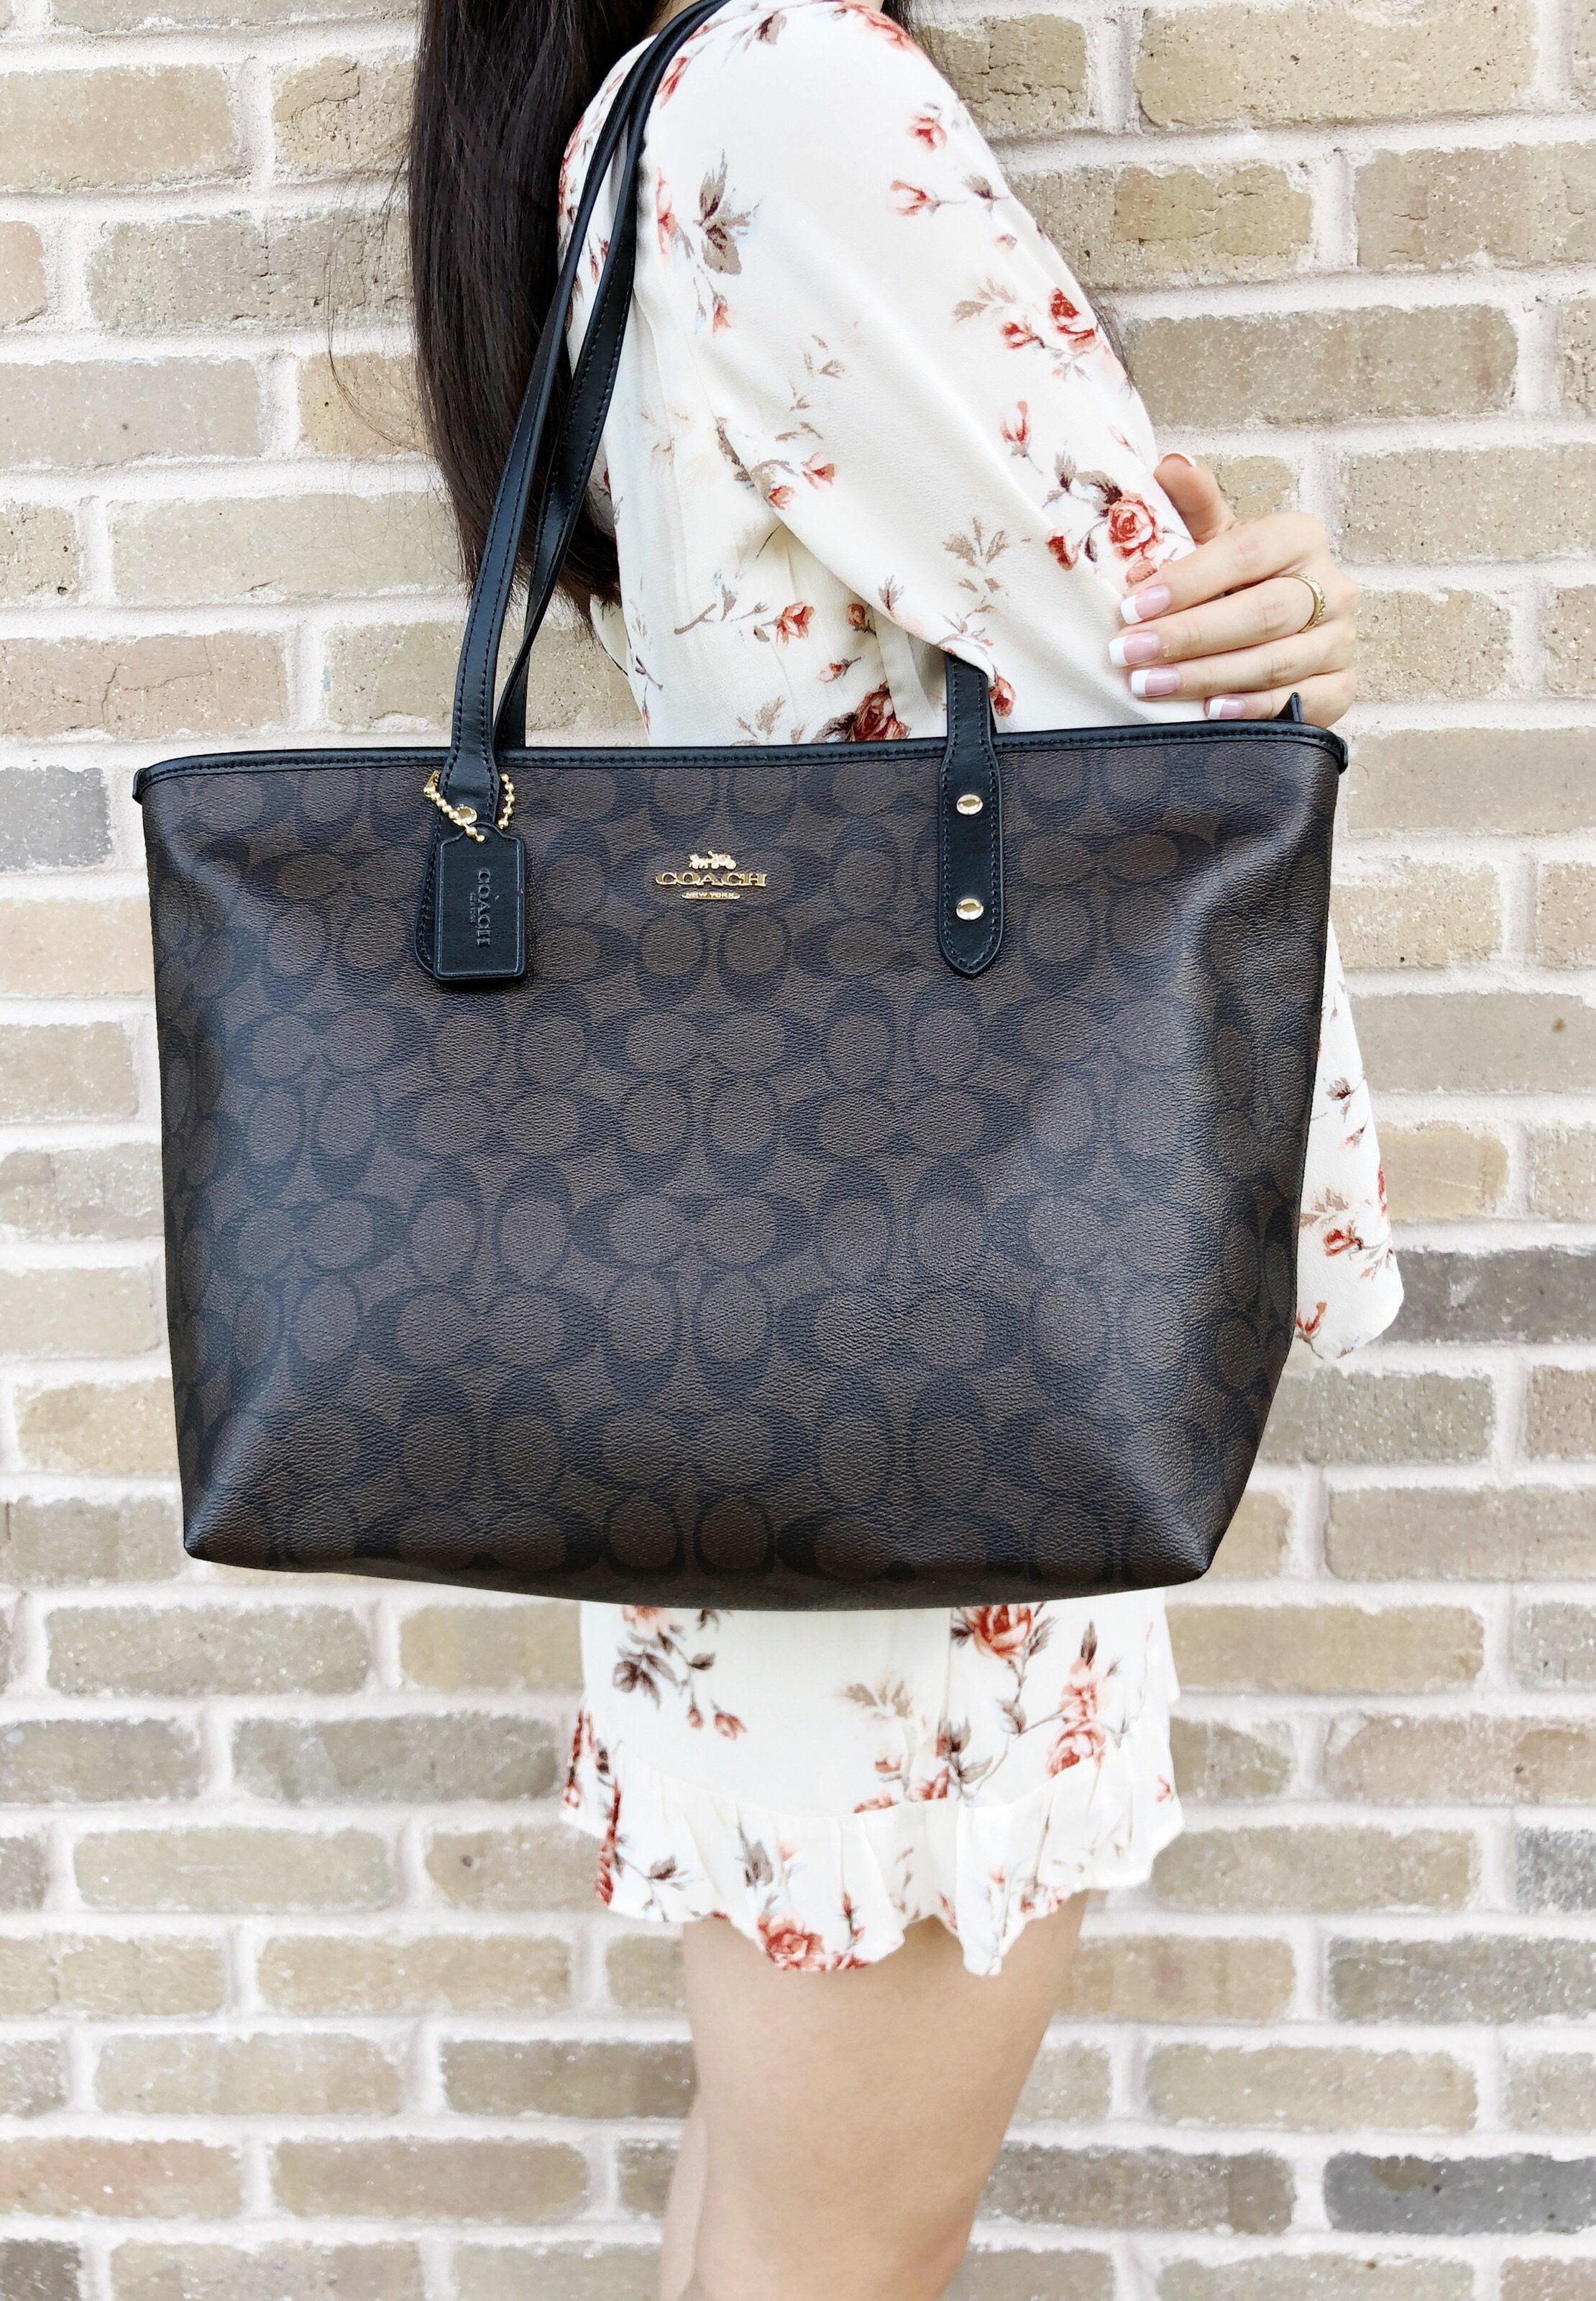 dfef93d14 ... wholesale coach f58292 signature city zip top large tote brown black  leather trim 86fc8 666e2